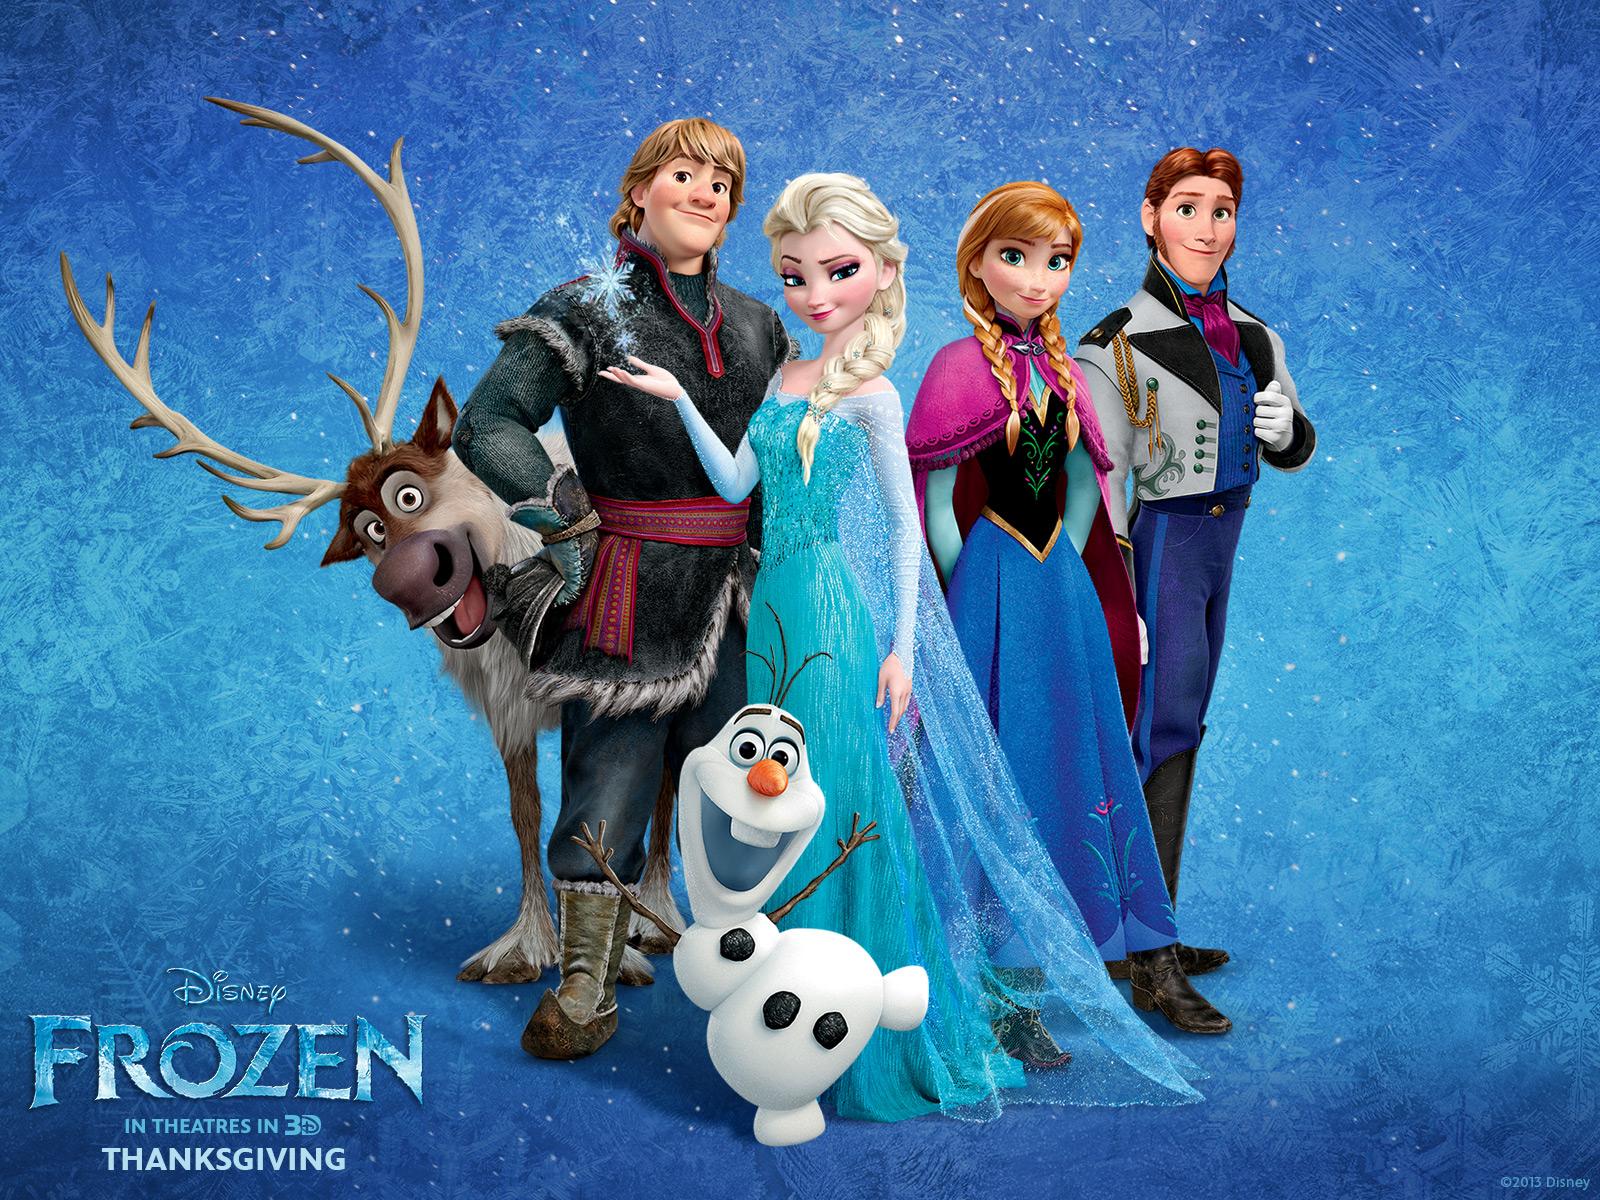 Frozen Wallpapers   Elsa the Snow Queen Wallpaper 35894671 1600x1200